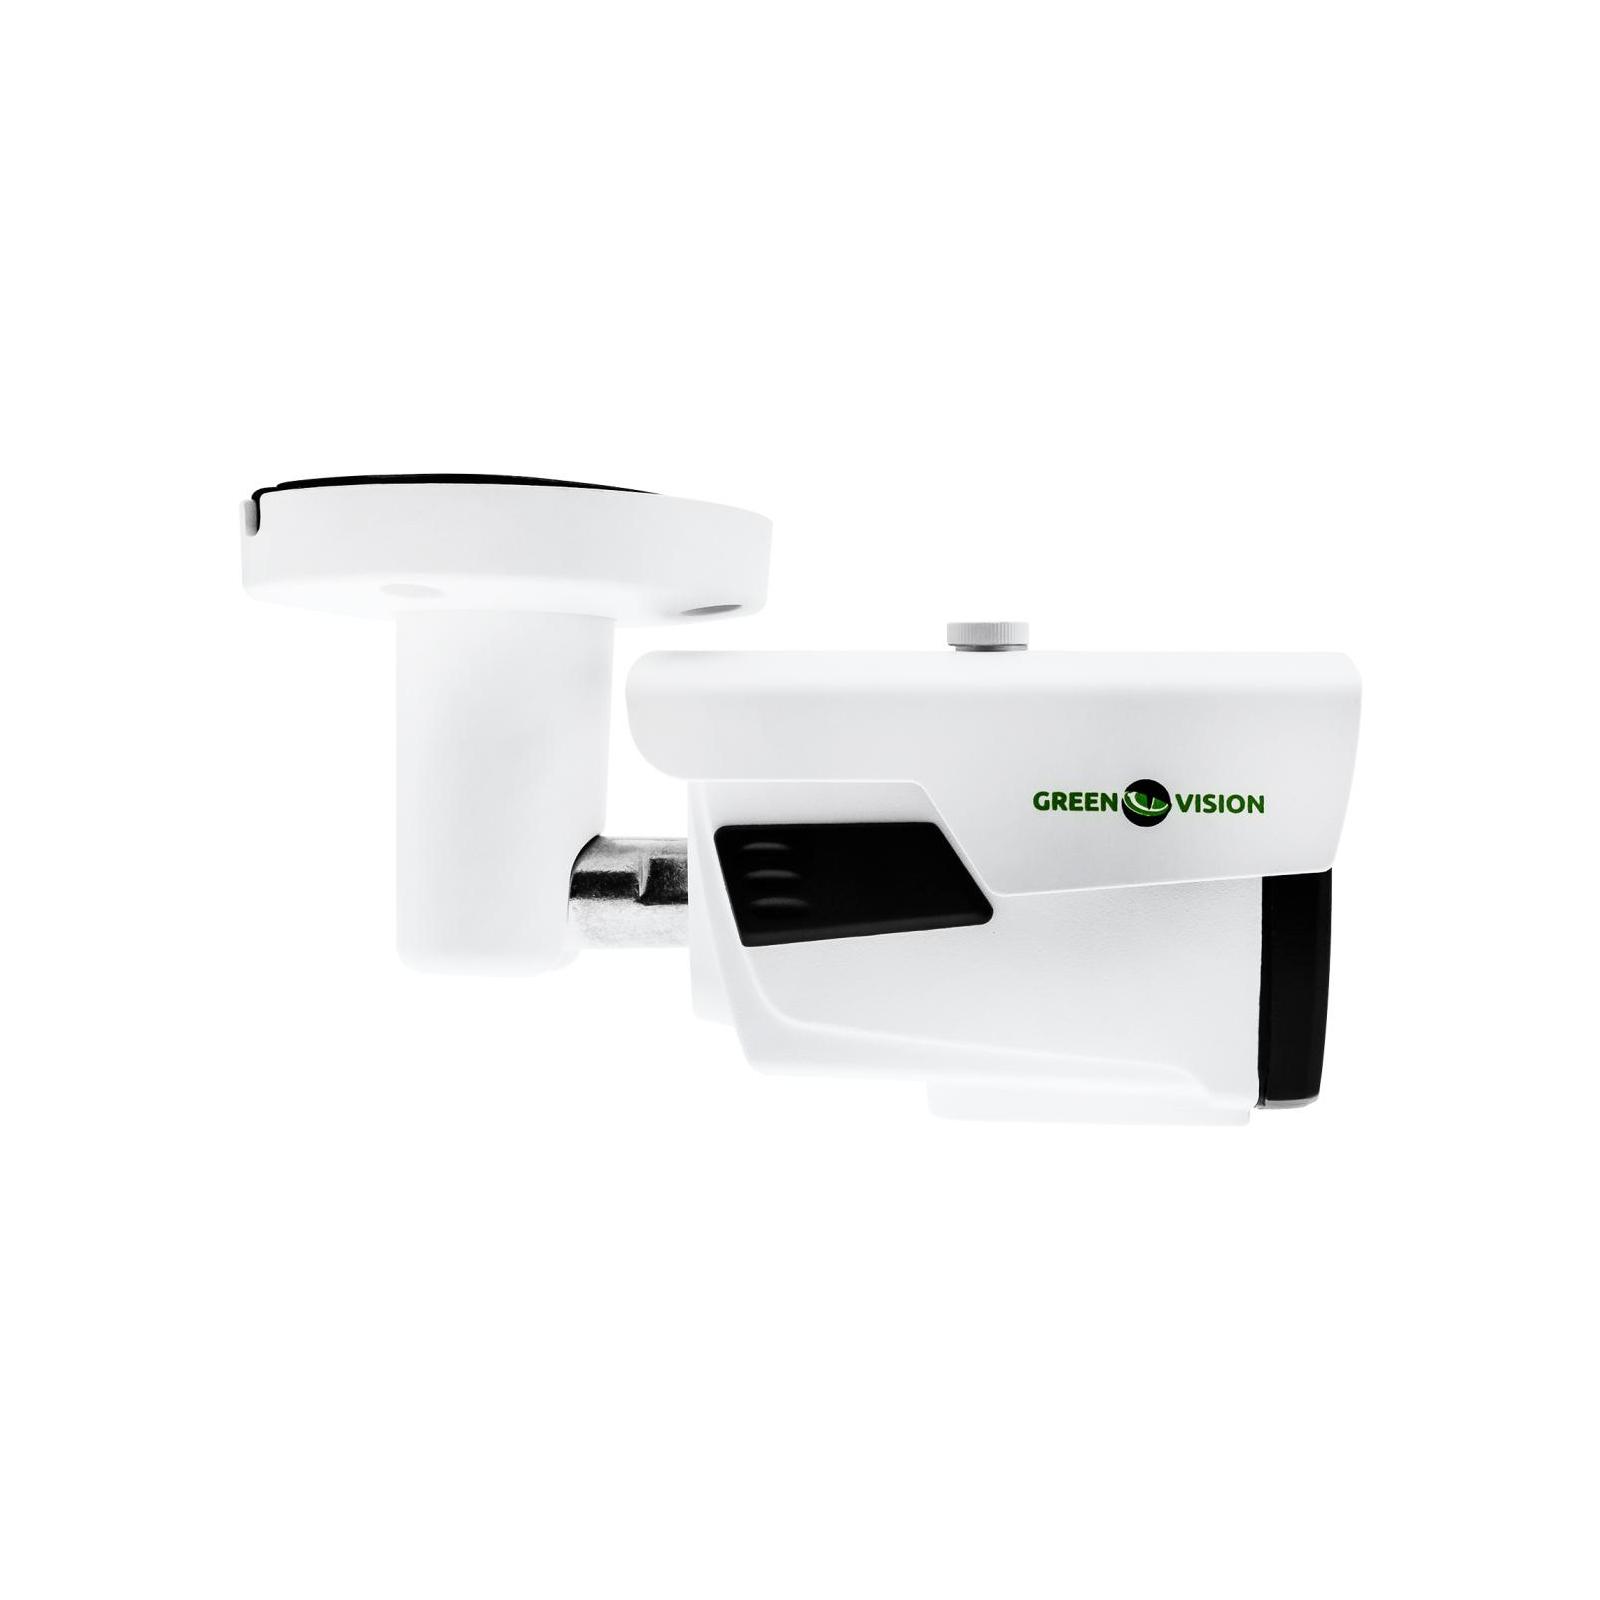 Камера видеонаблюдения Greenvision GV-081-IP-E-COS40VM-40 (6629) изображение 4